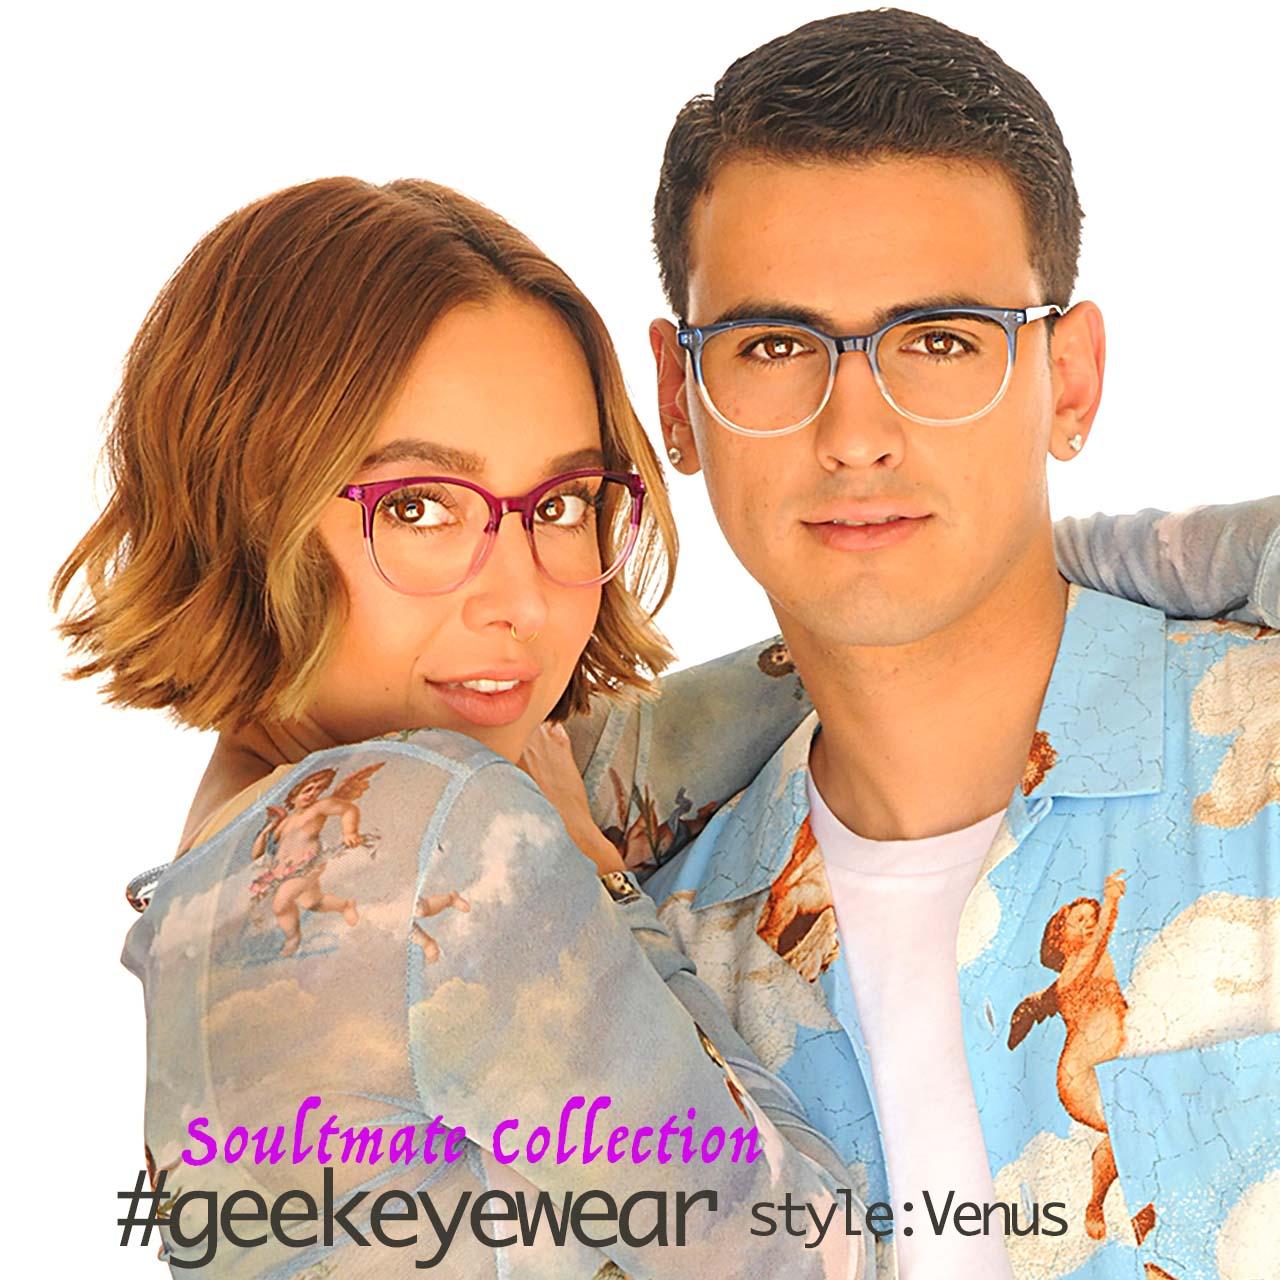 geek-eyewear-style-venus-2019-rx-eyeglasses.jpg